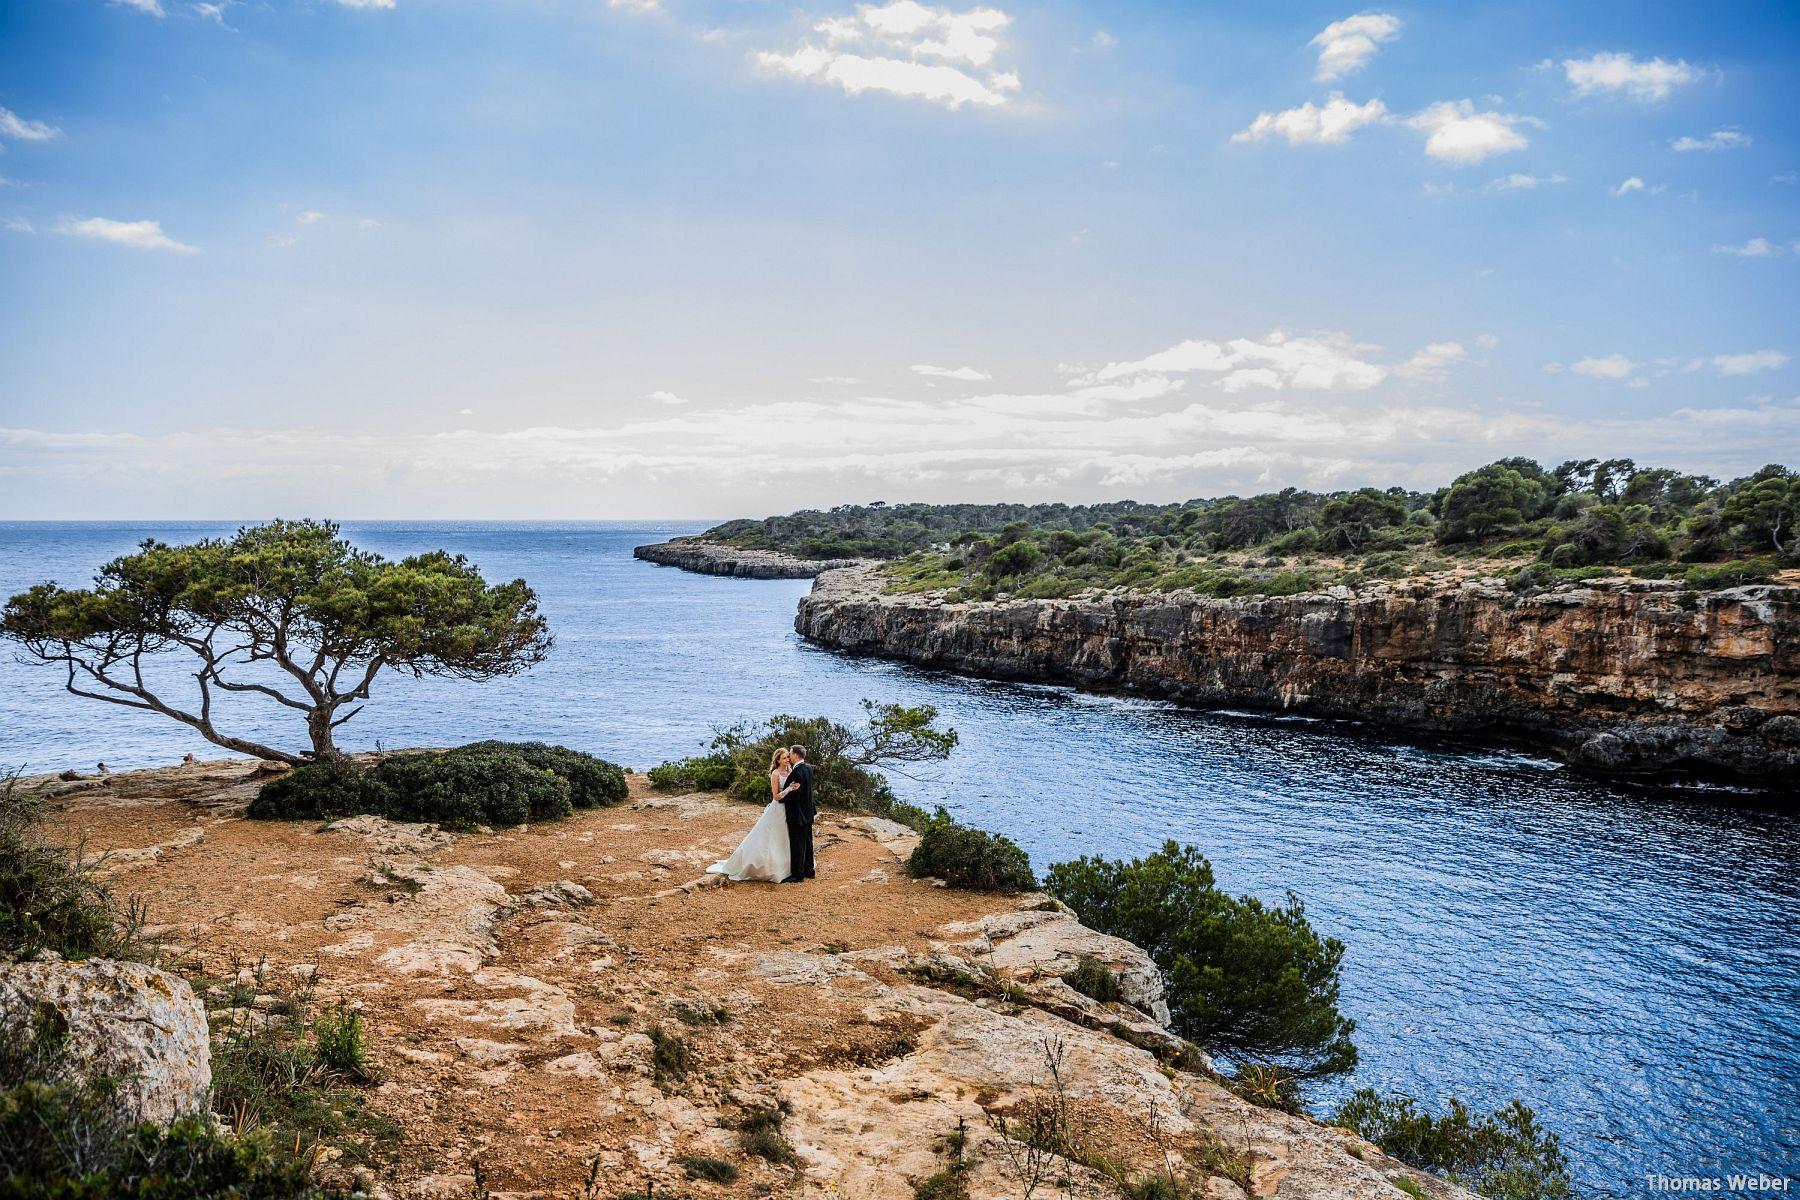 Hochzeitsfotograf Thomas Weber aus Oldenburg: Hochzeitsfotos und Paarfotos auf Mallorca (17)